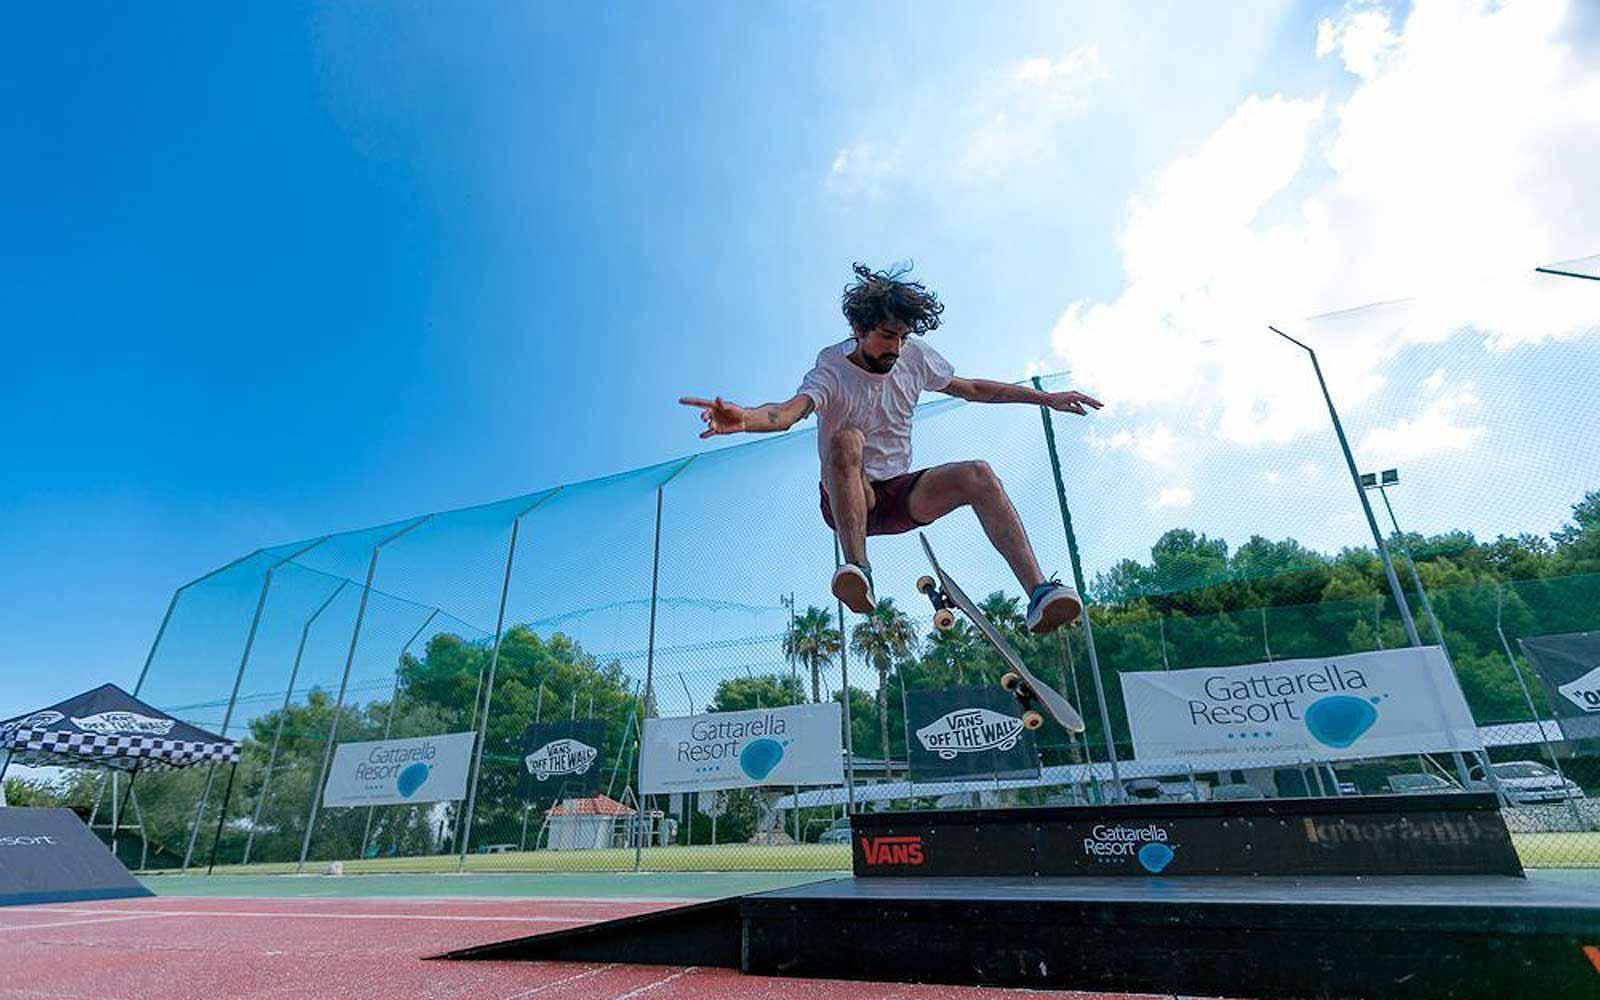 Skatepark at the Gattarella Resort